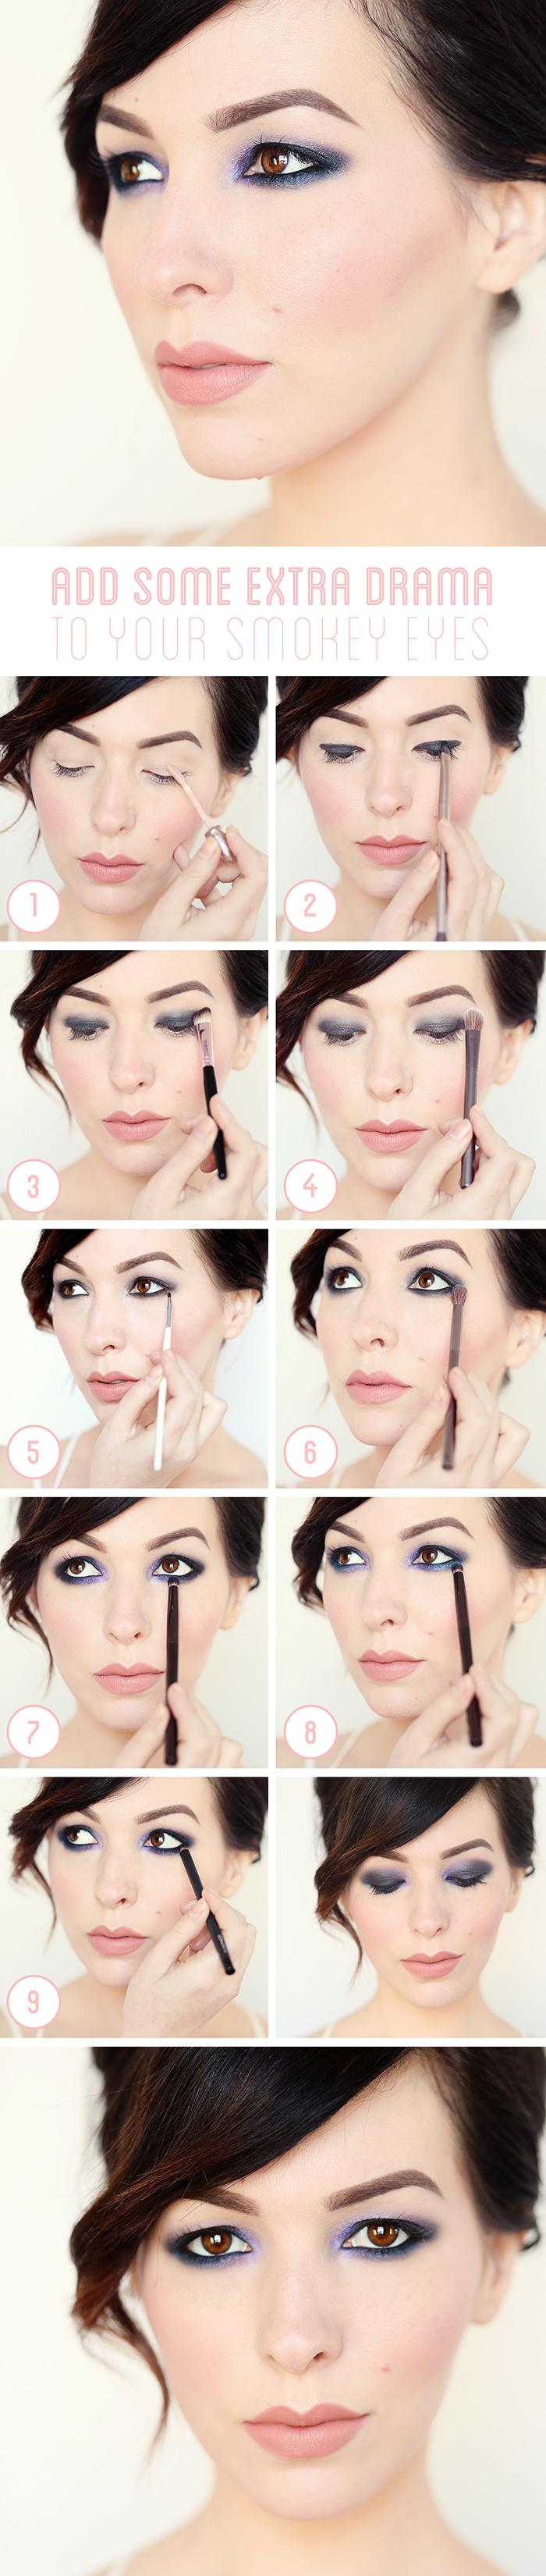 apprendre a se maquiller, réaliser son maquillage yeux marron avec fards à paupières bleus et rouge à lèvres nude